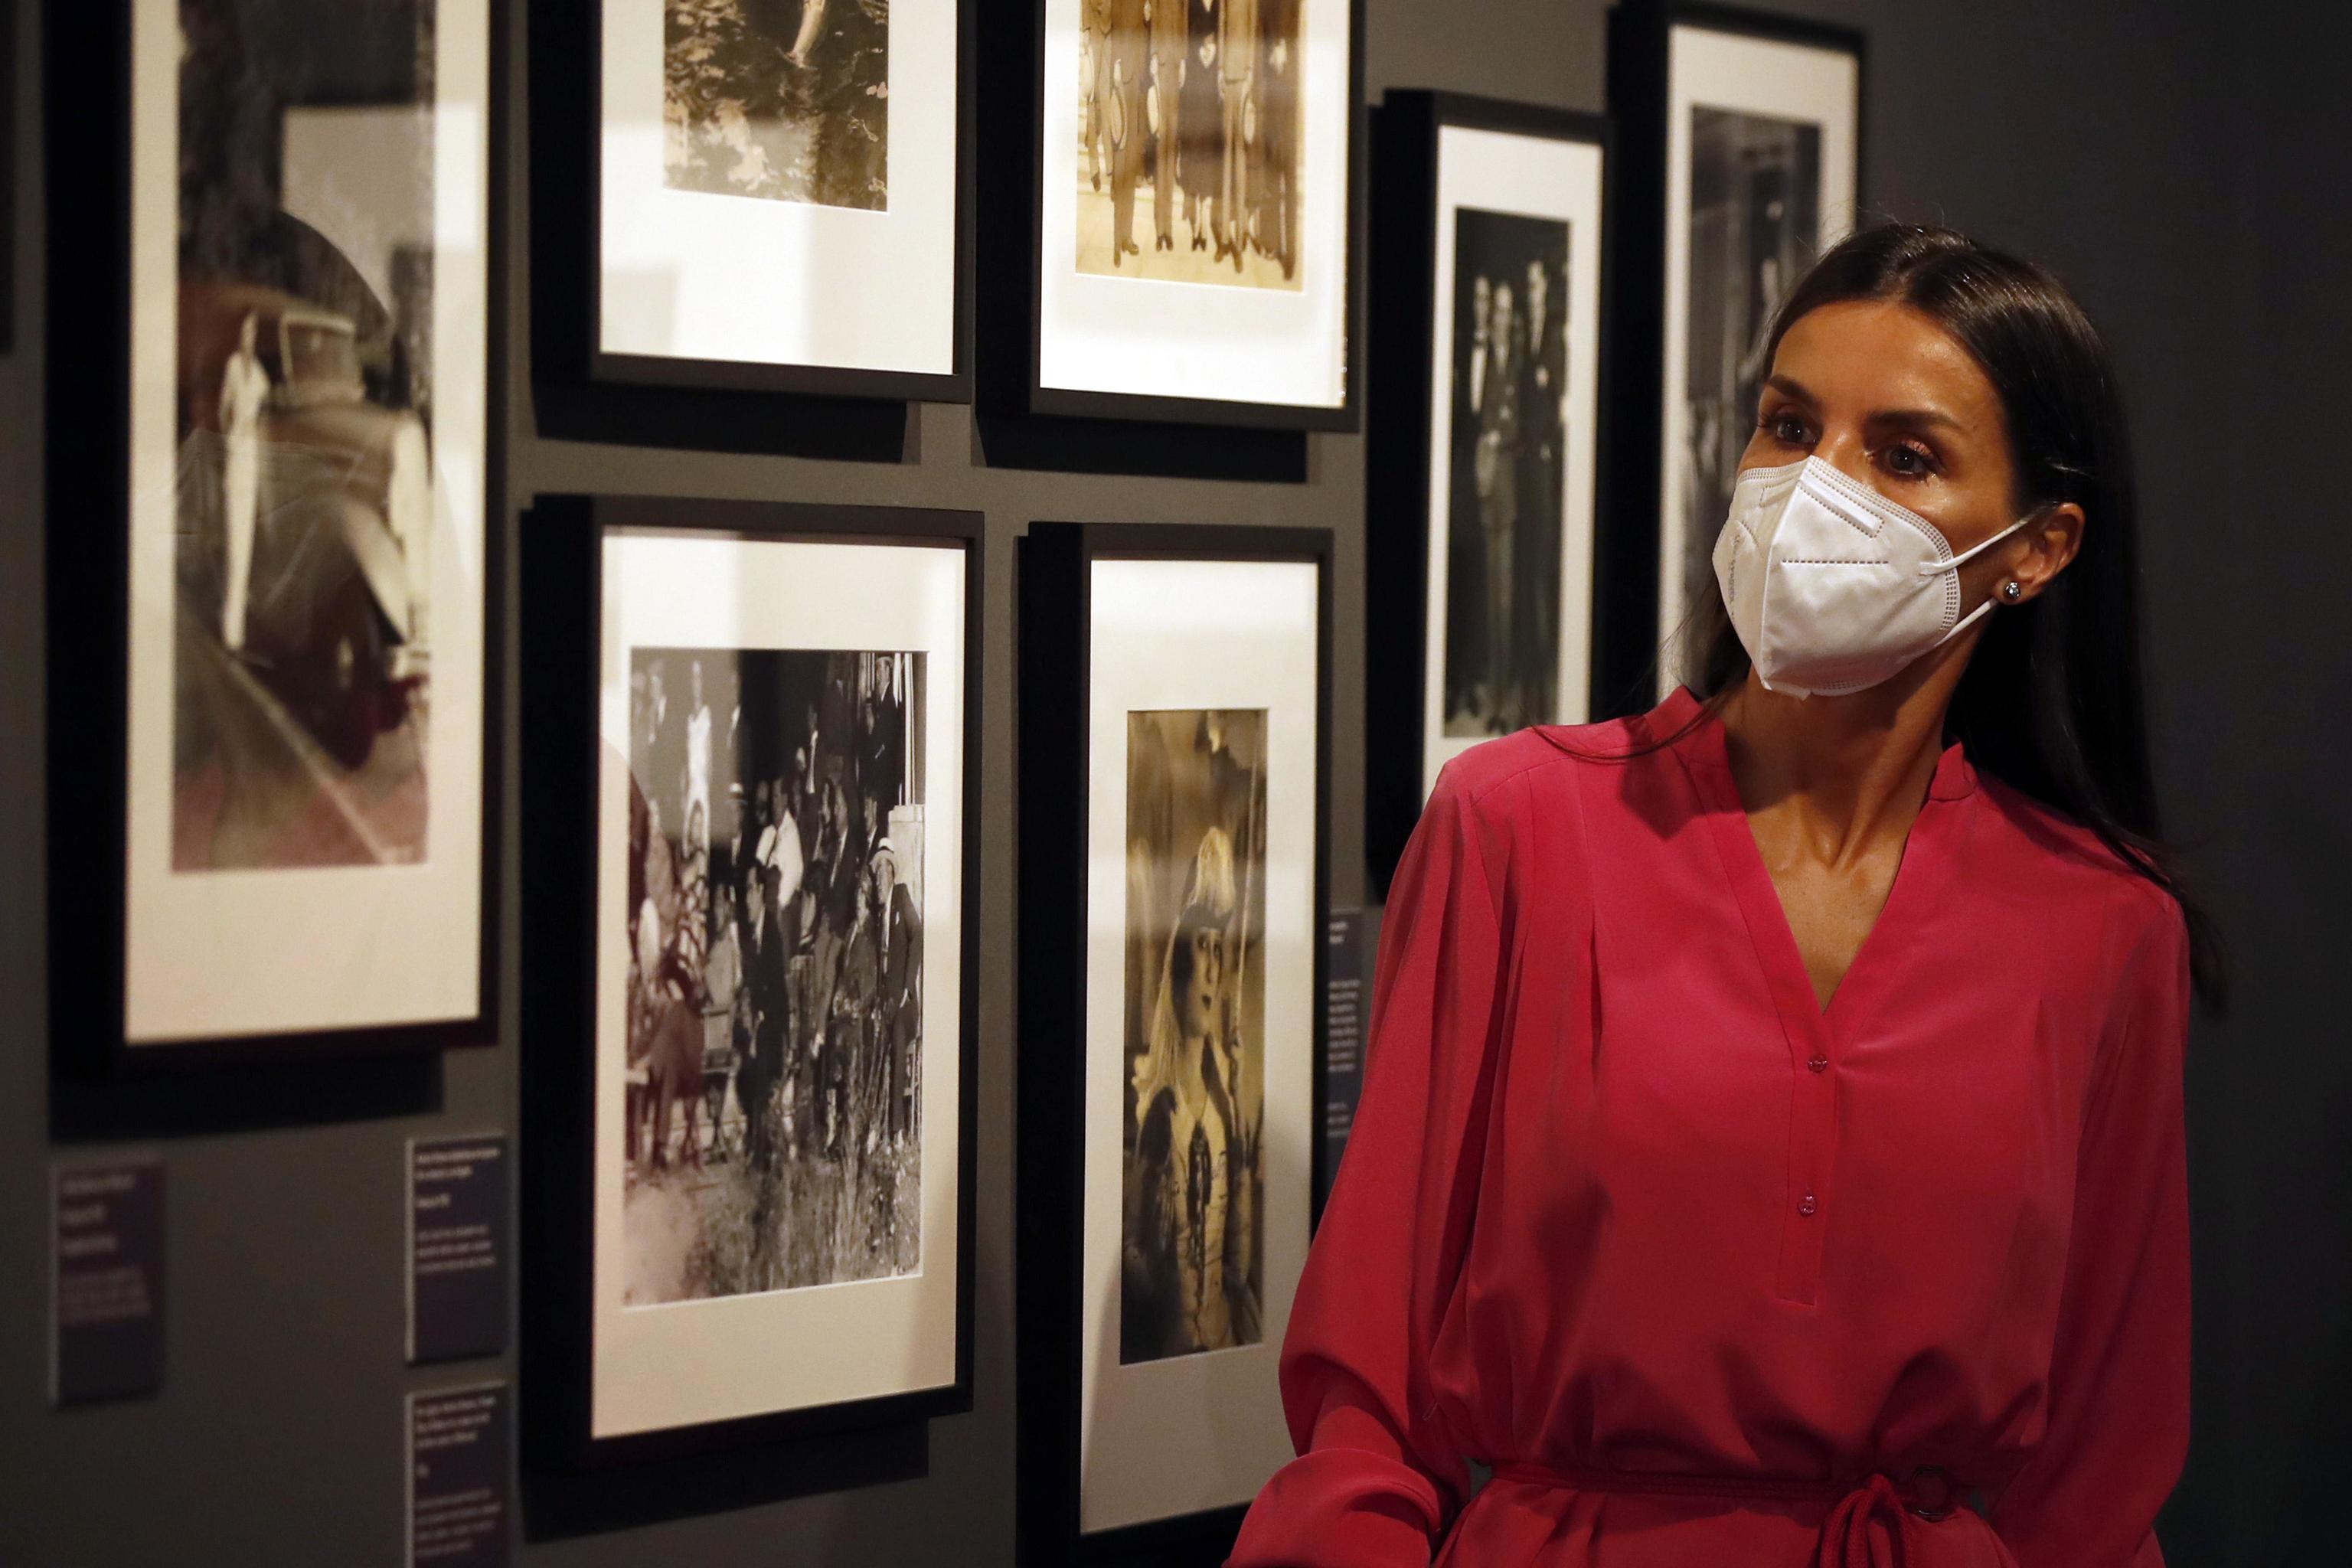 La reina Letizia durante la inauguración de la exposición 'Berlanguiano'.